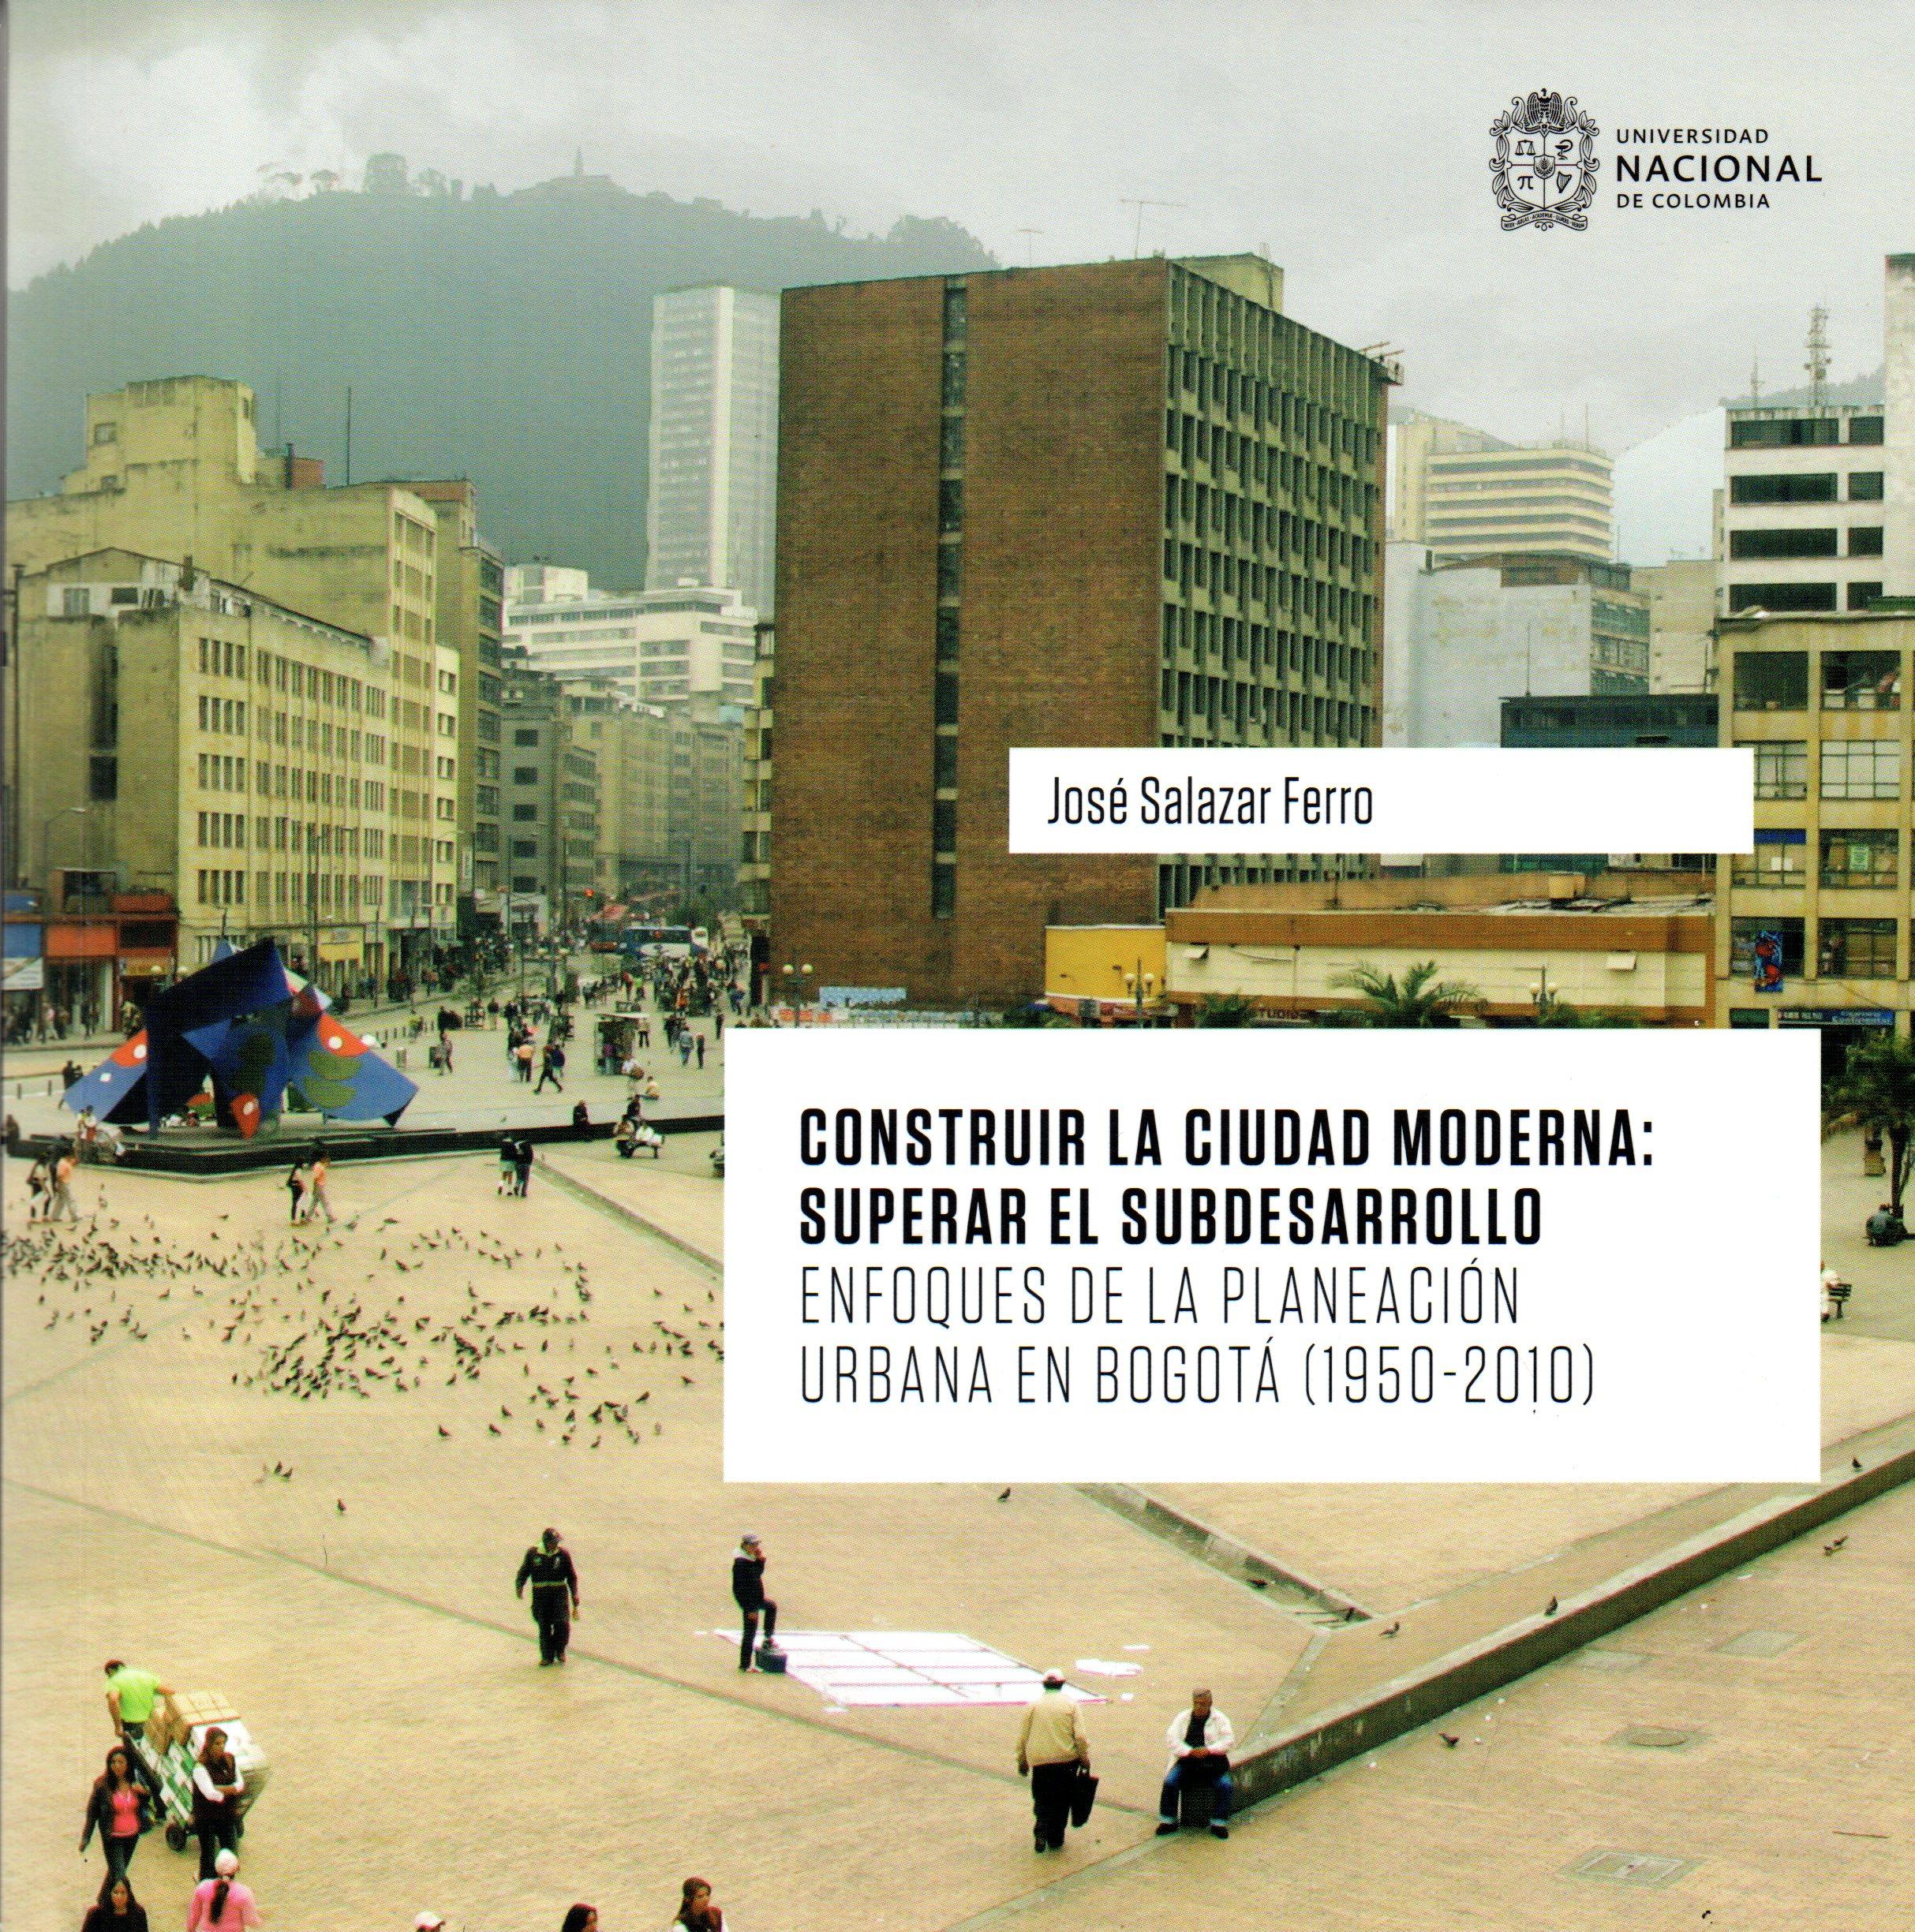 CONSTRUIR LA CIUDAD MODERNA SUPERAR EL SUBDESARROLLO ENFOQUES DE LA PLANEACIÓN URBANA EN BOGOTÁ (1950 2010)